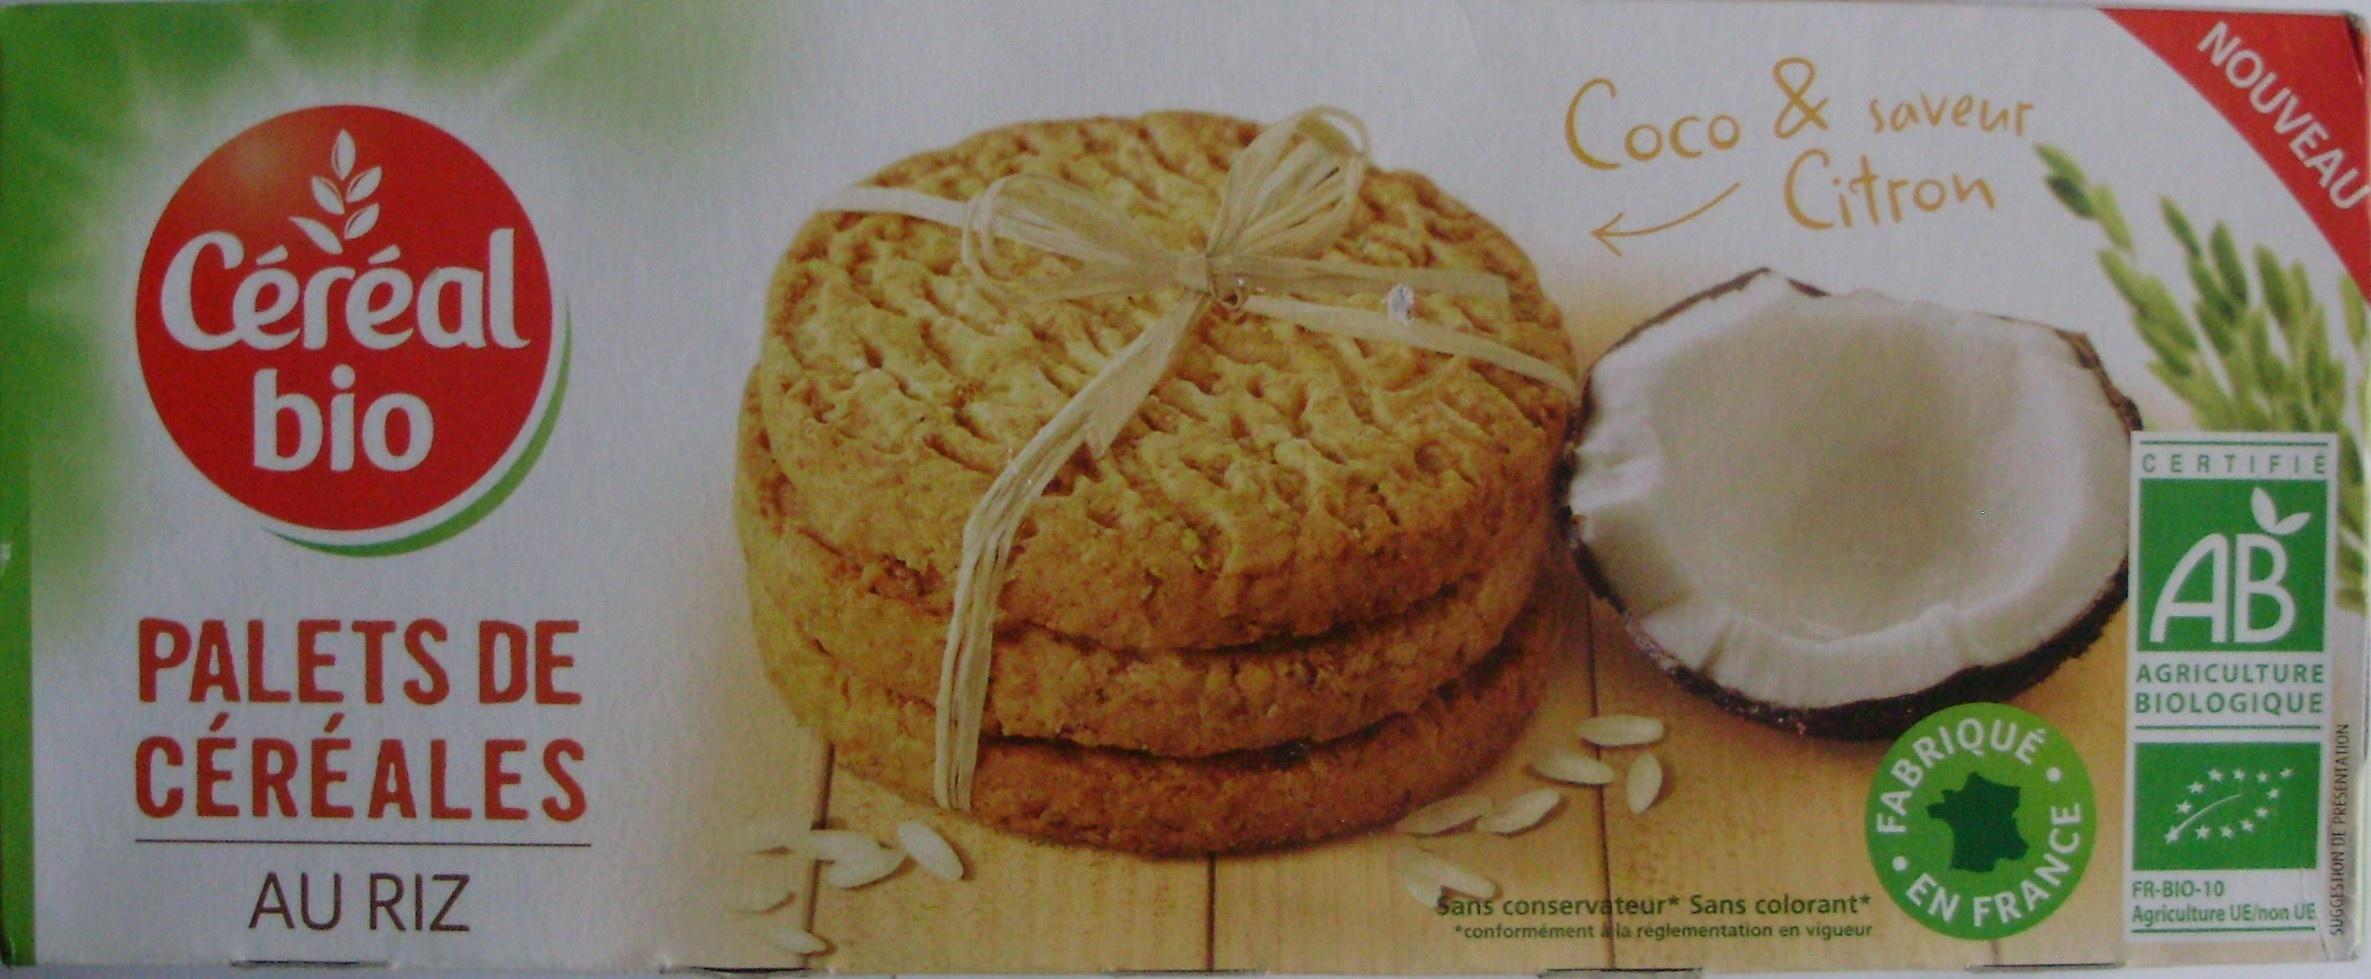 Palets de Céréales au Riz Coco & saveur Citron Bio - Product